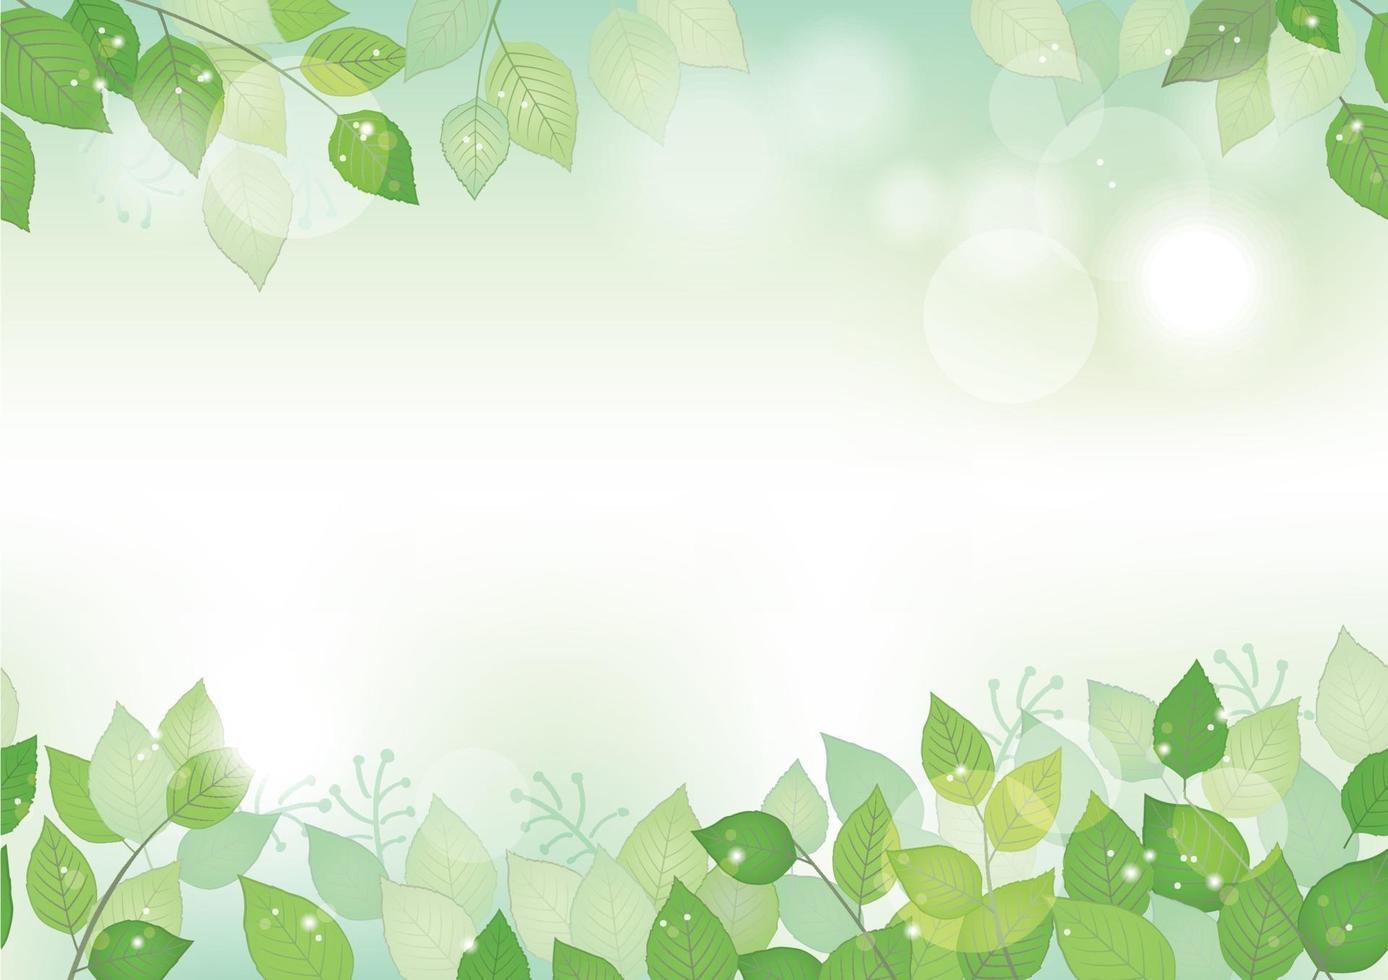 frischer grüner Hintergrund des nahtlosen Aquarells mit Textraum, Vektorillustration. umweltbewusstes Bild mit Pflanzen und Sonnenlicht. horizontal wiederholbar. vektor